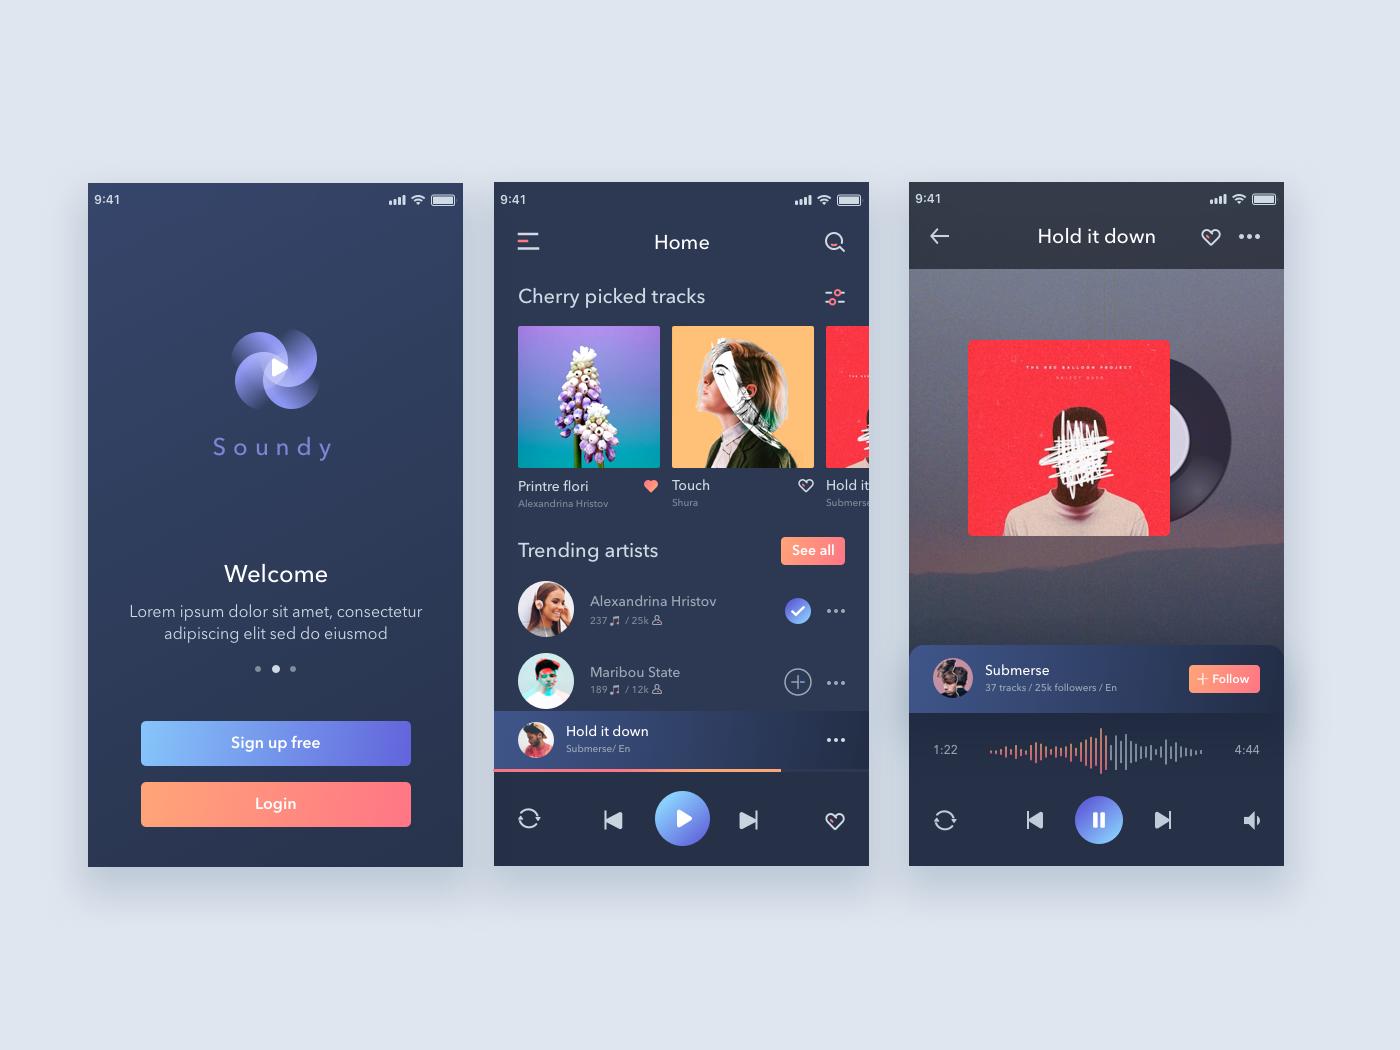 Mobile music app